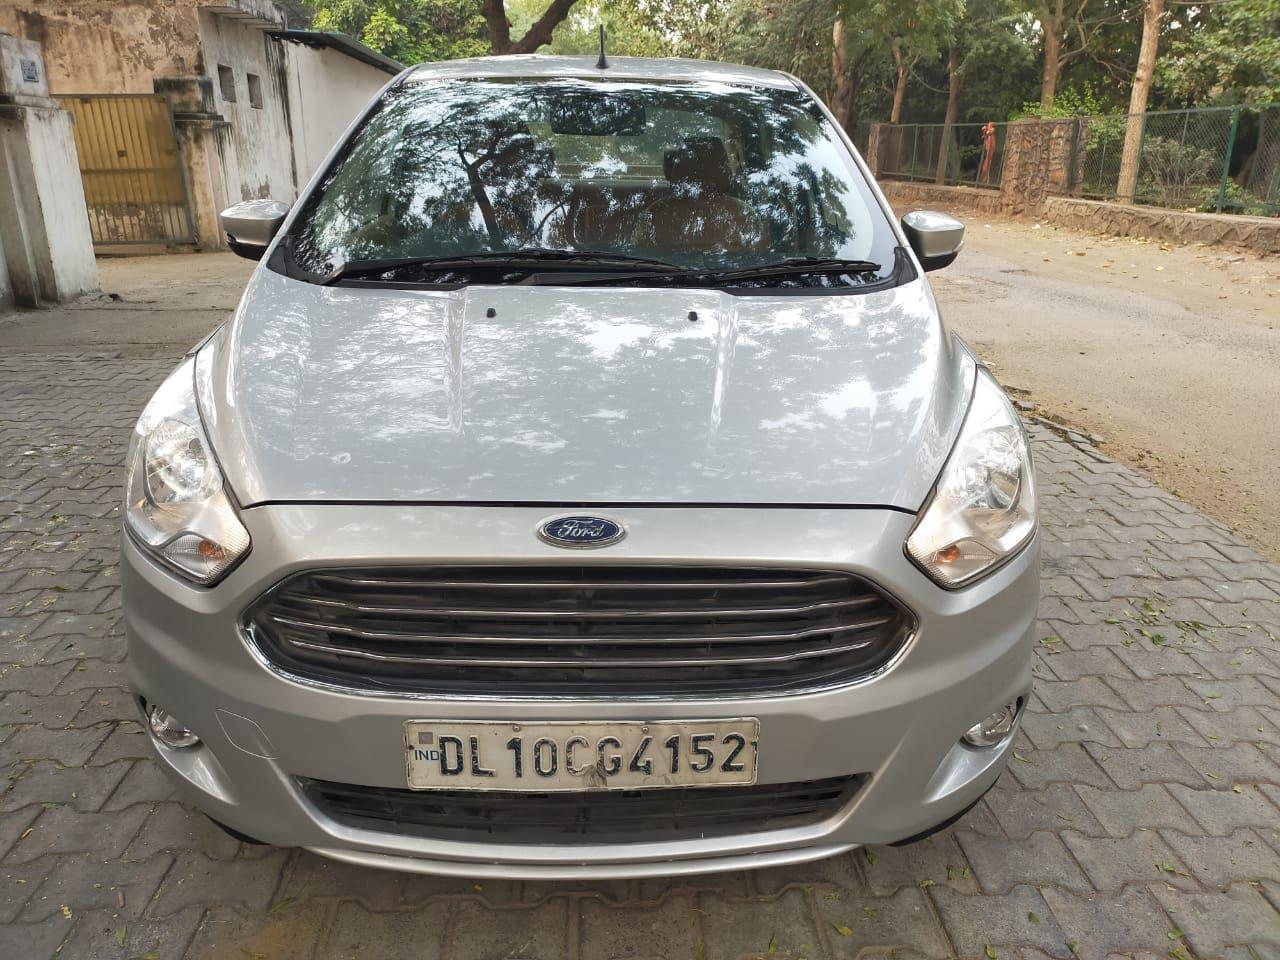 Ford Figo 2015-2019 1.5D Titanium Opt MT